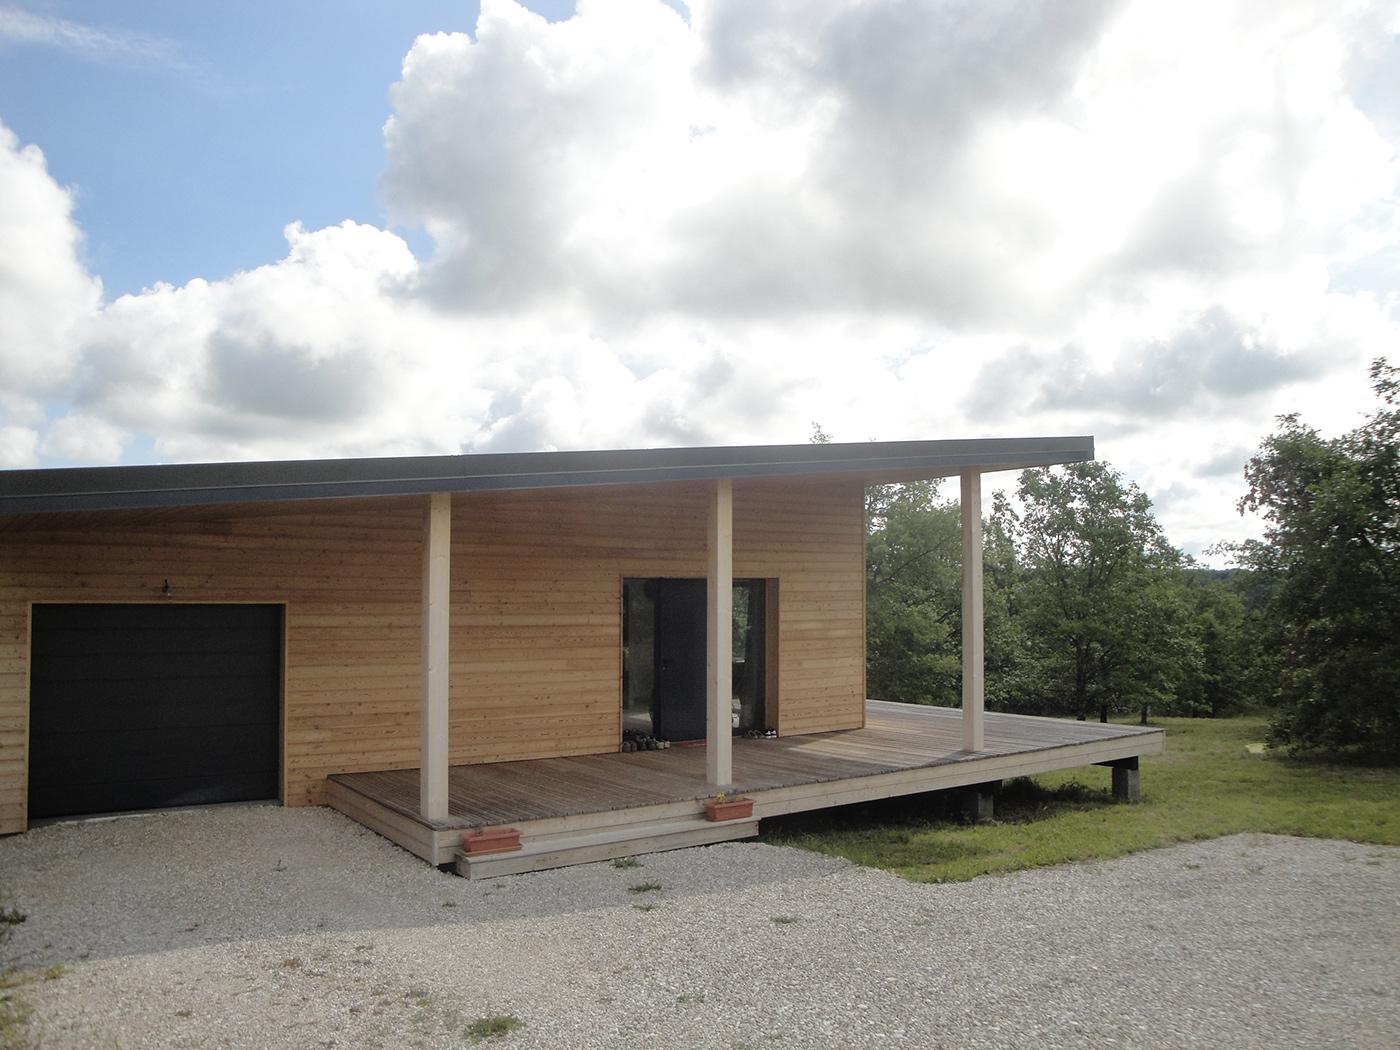 Maison contemporaine en ossature bois dans le Lot par Evobois - la maison bois par maisons-bois.com